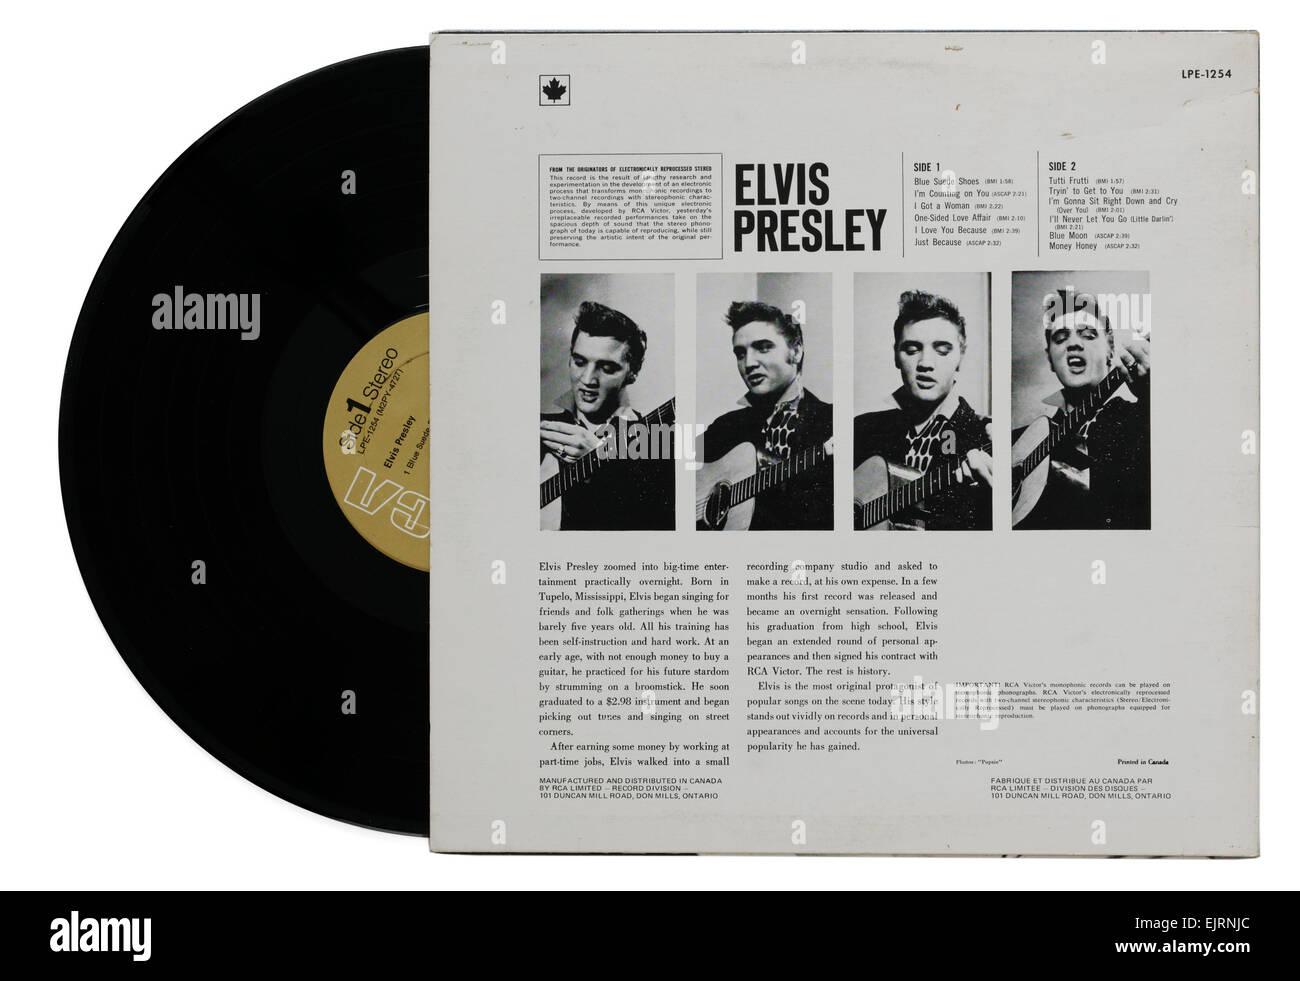 Album Sleeve Stock Photos & Album Sleeve Stock Images - Alamy